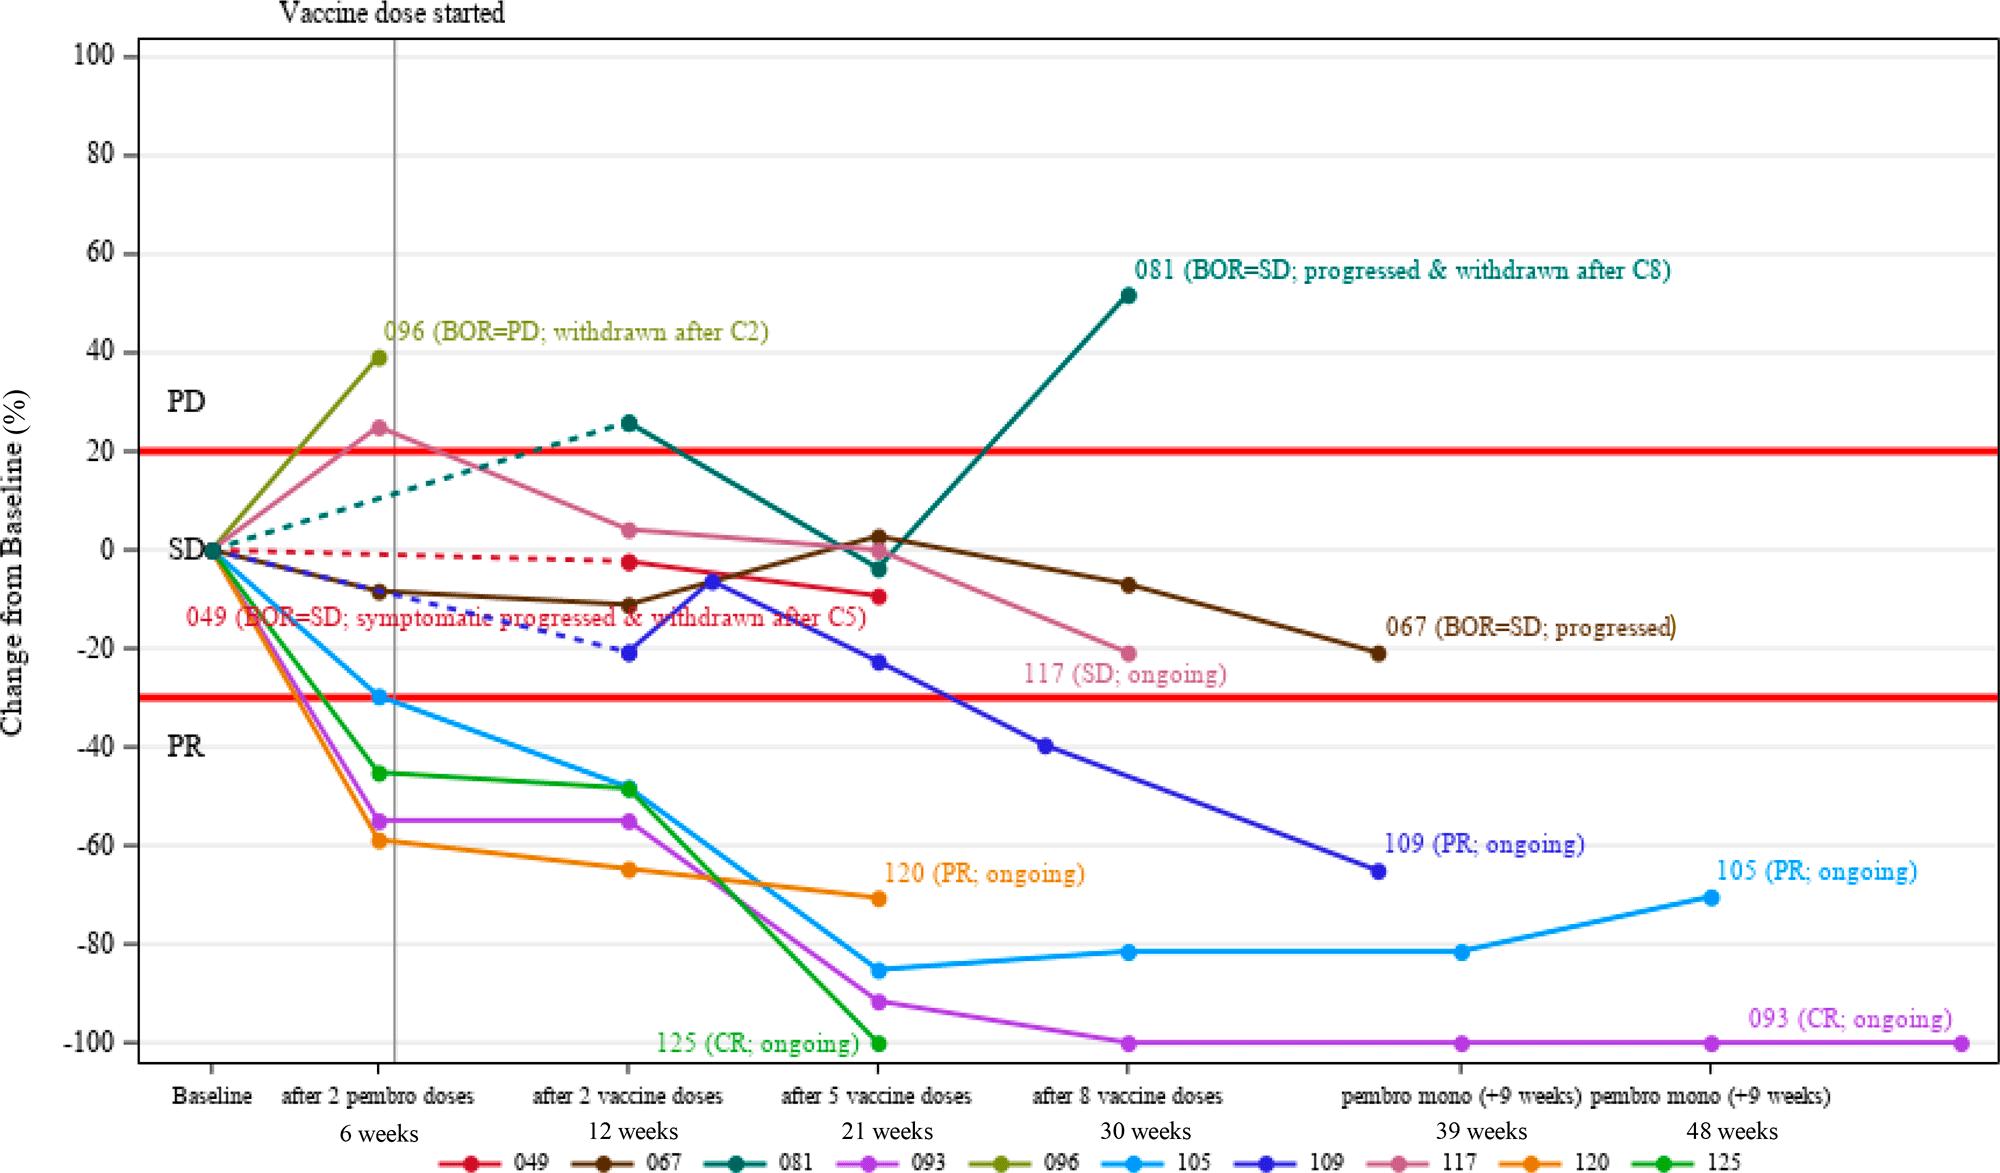 nct03313778 results 02 - Moderna mRNA-4157: персонализированная противораковая вакцина, которая работает